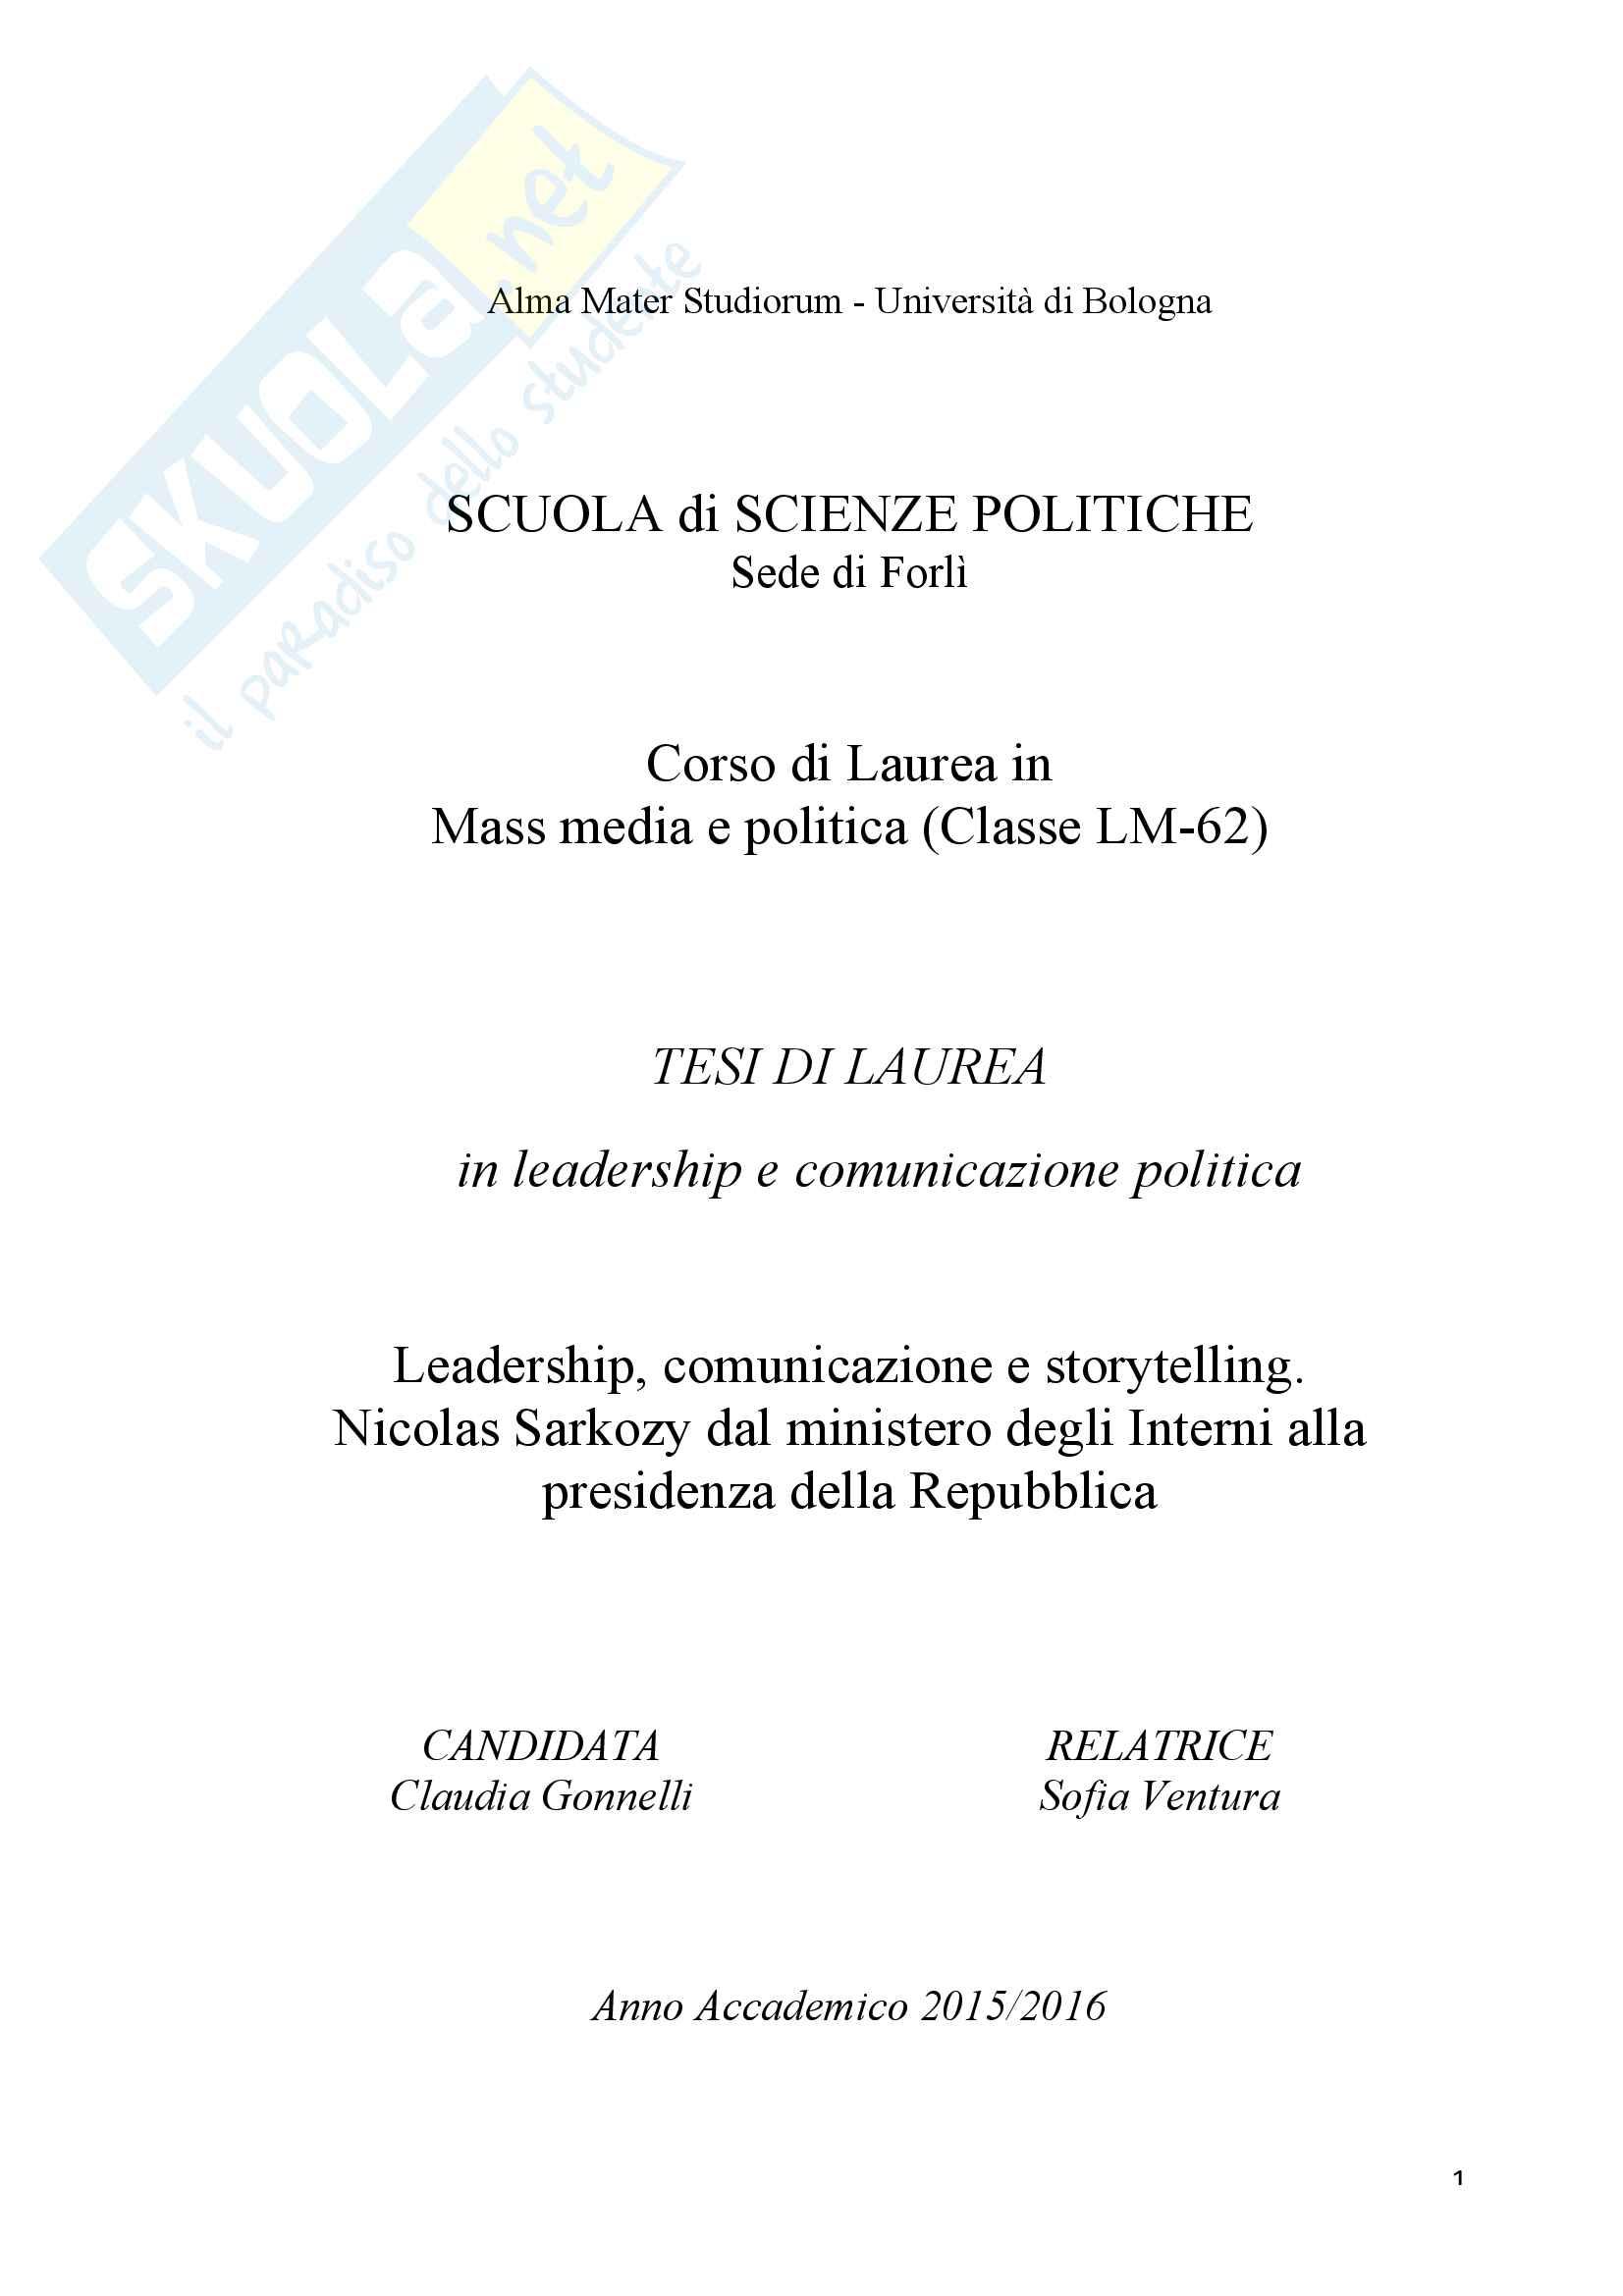 Leadership Comunicazione e Storytelling. Nicolas Sarkozy dal ministero degli Interni alla presidenza della Repubblica